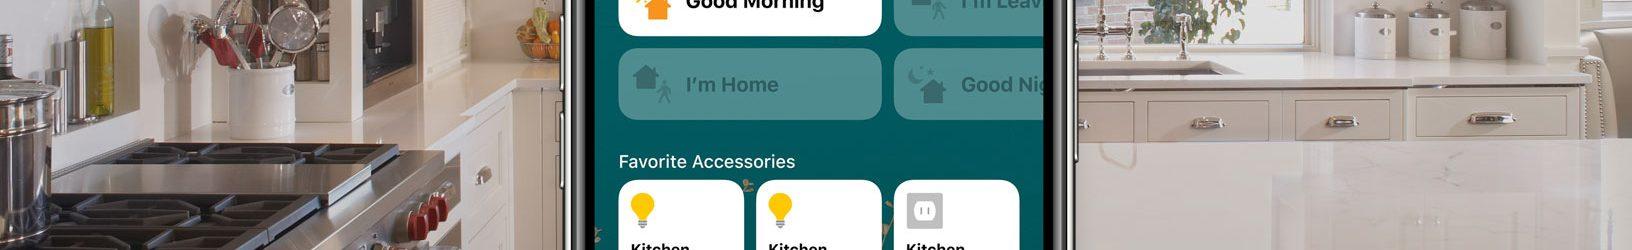 Nightshift e riconoscimento visi in Apple HomeKit su iOS 14: non sarà troppo?!